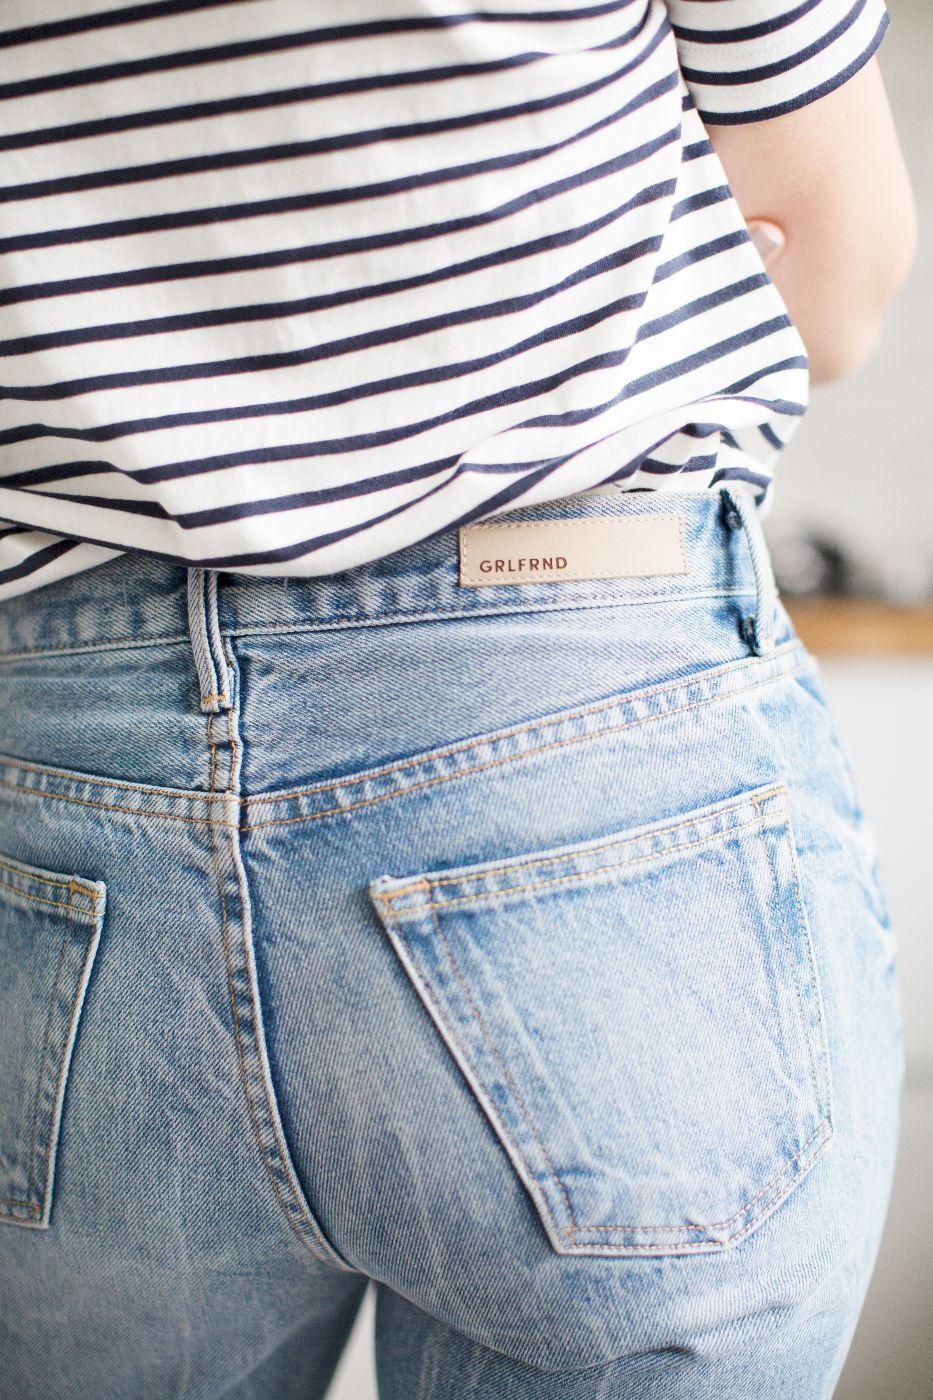 theannaedit-breton-stripes-grlfrind-jeans-outfit-fashion-april-2017-5